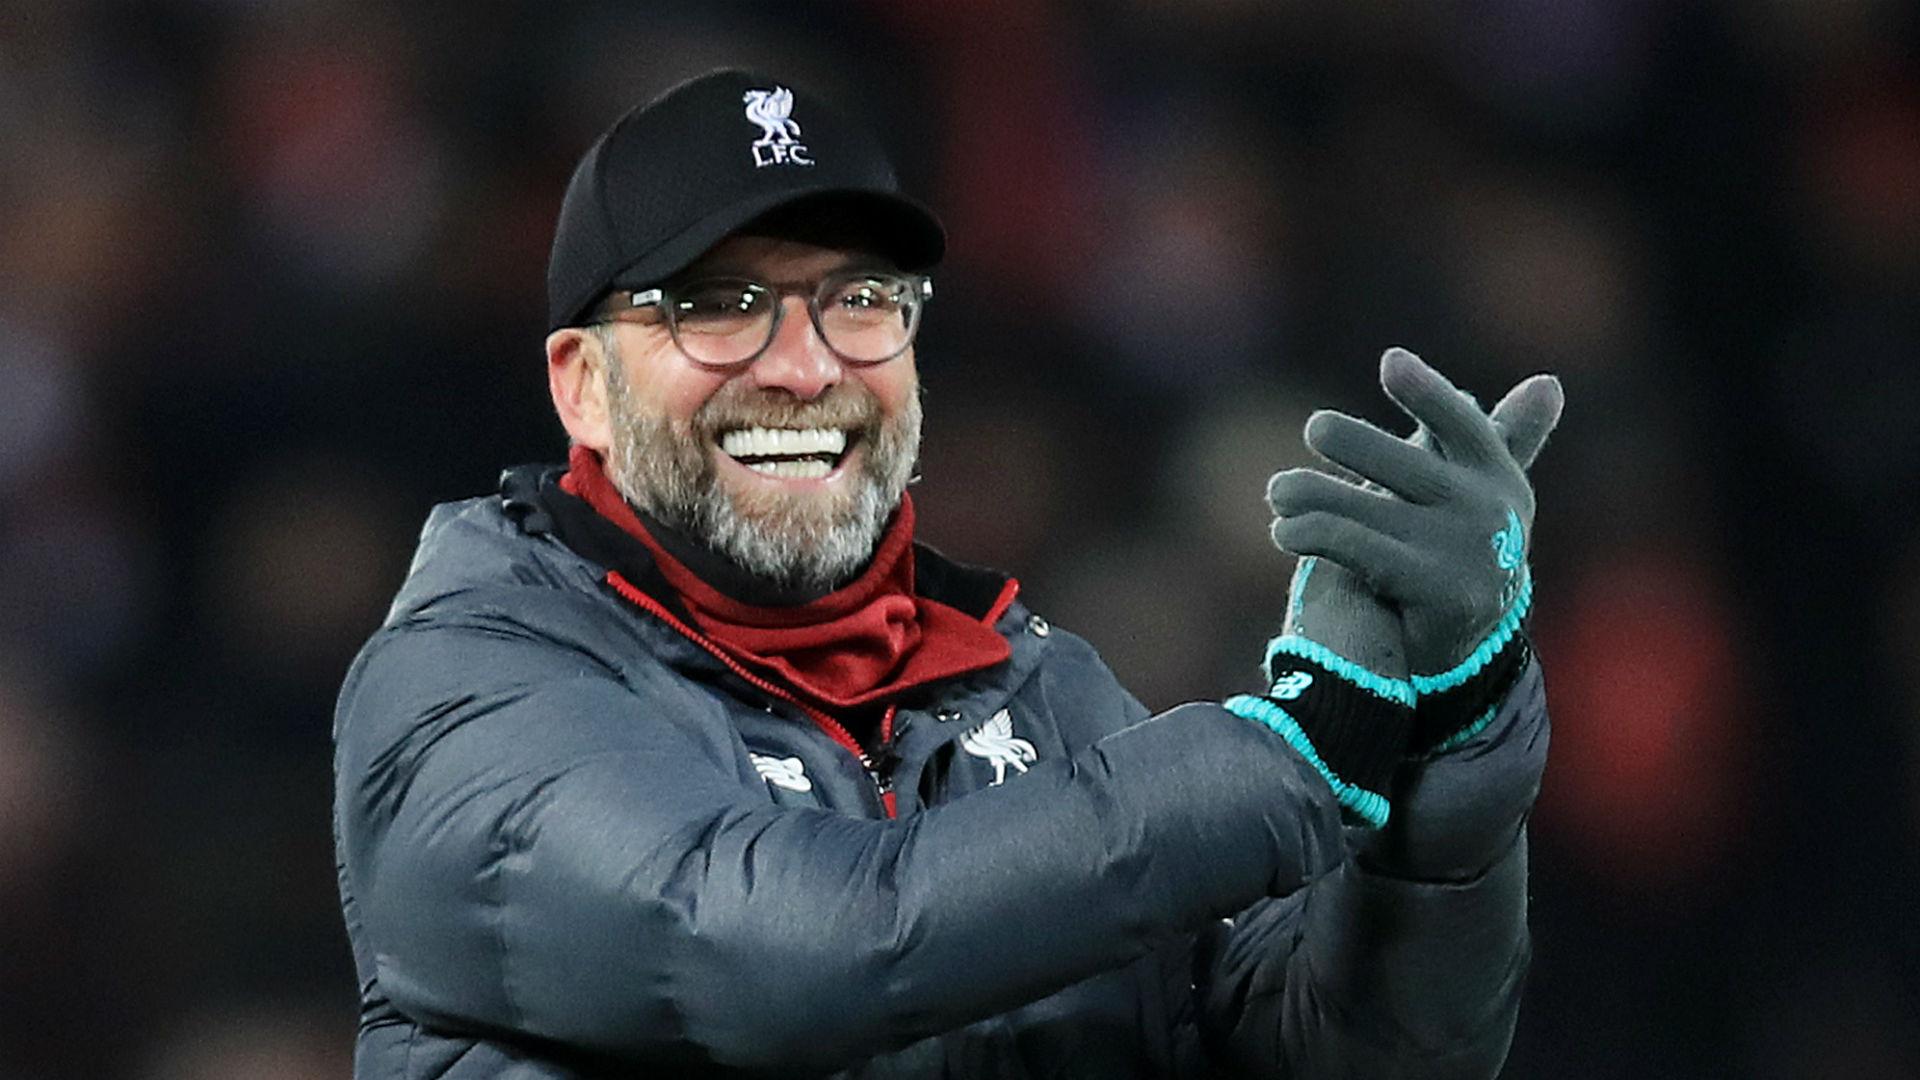 Salzburg boss Marsch lauds Liverpool's Klopp as world's best coach